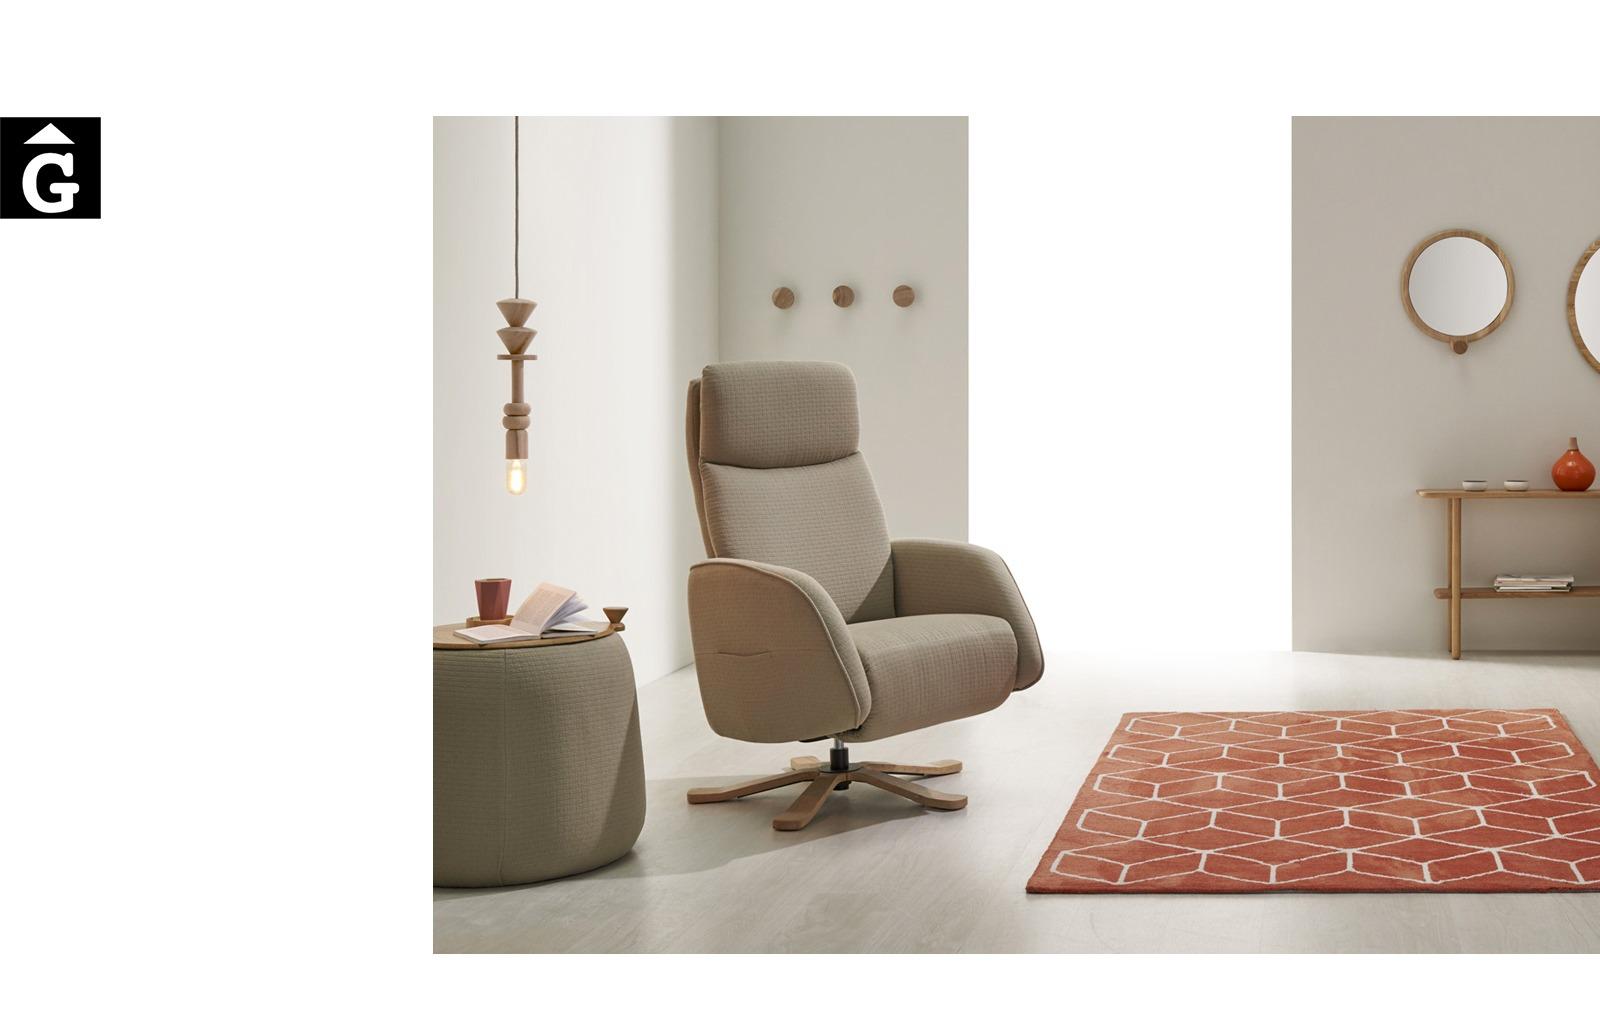 Butaca relax Panda peu central fusta | Reyes Ordoñez Sofas disseny i qualitat alta distribuïdor oficial mobles Gifreu